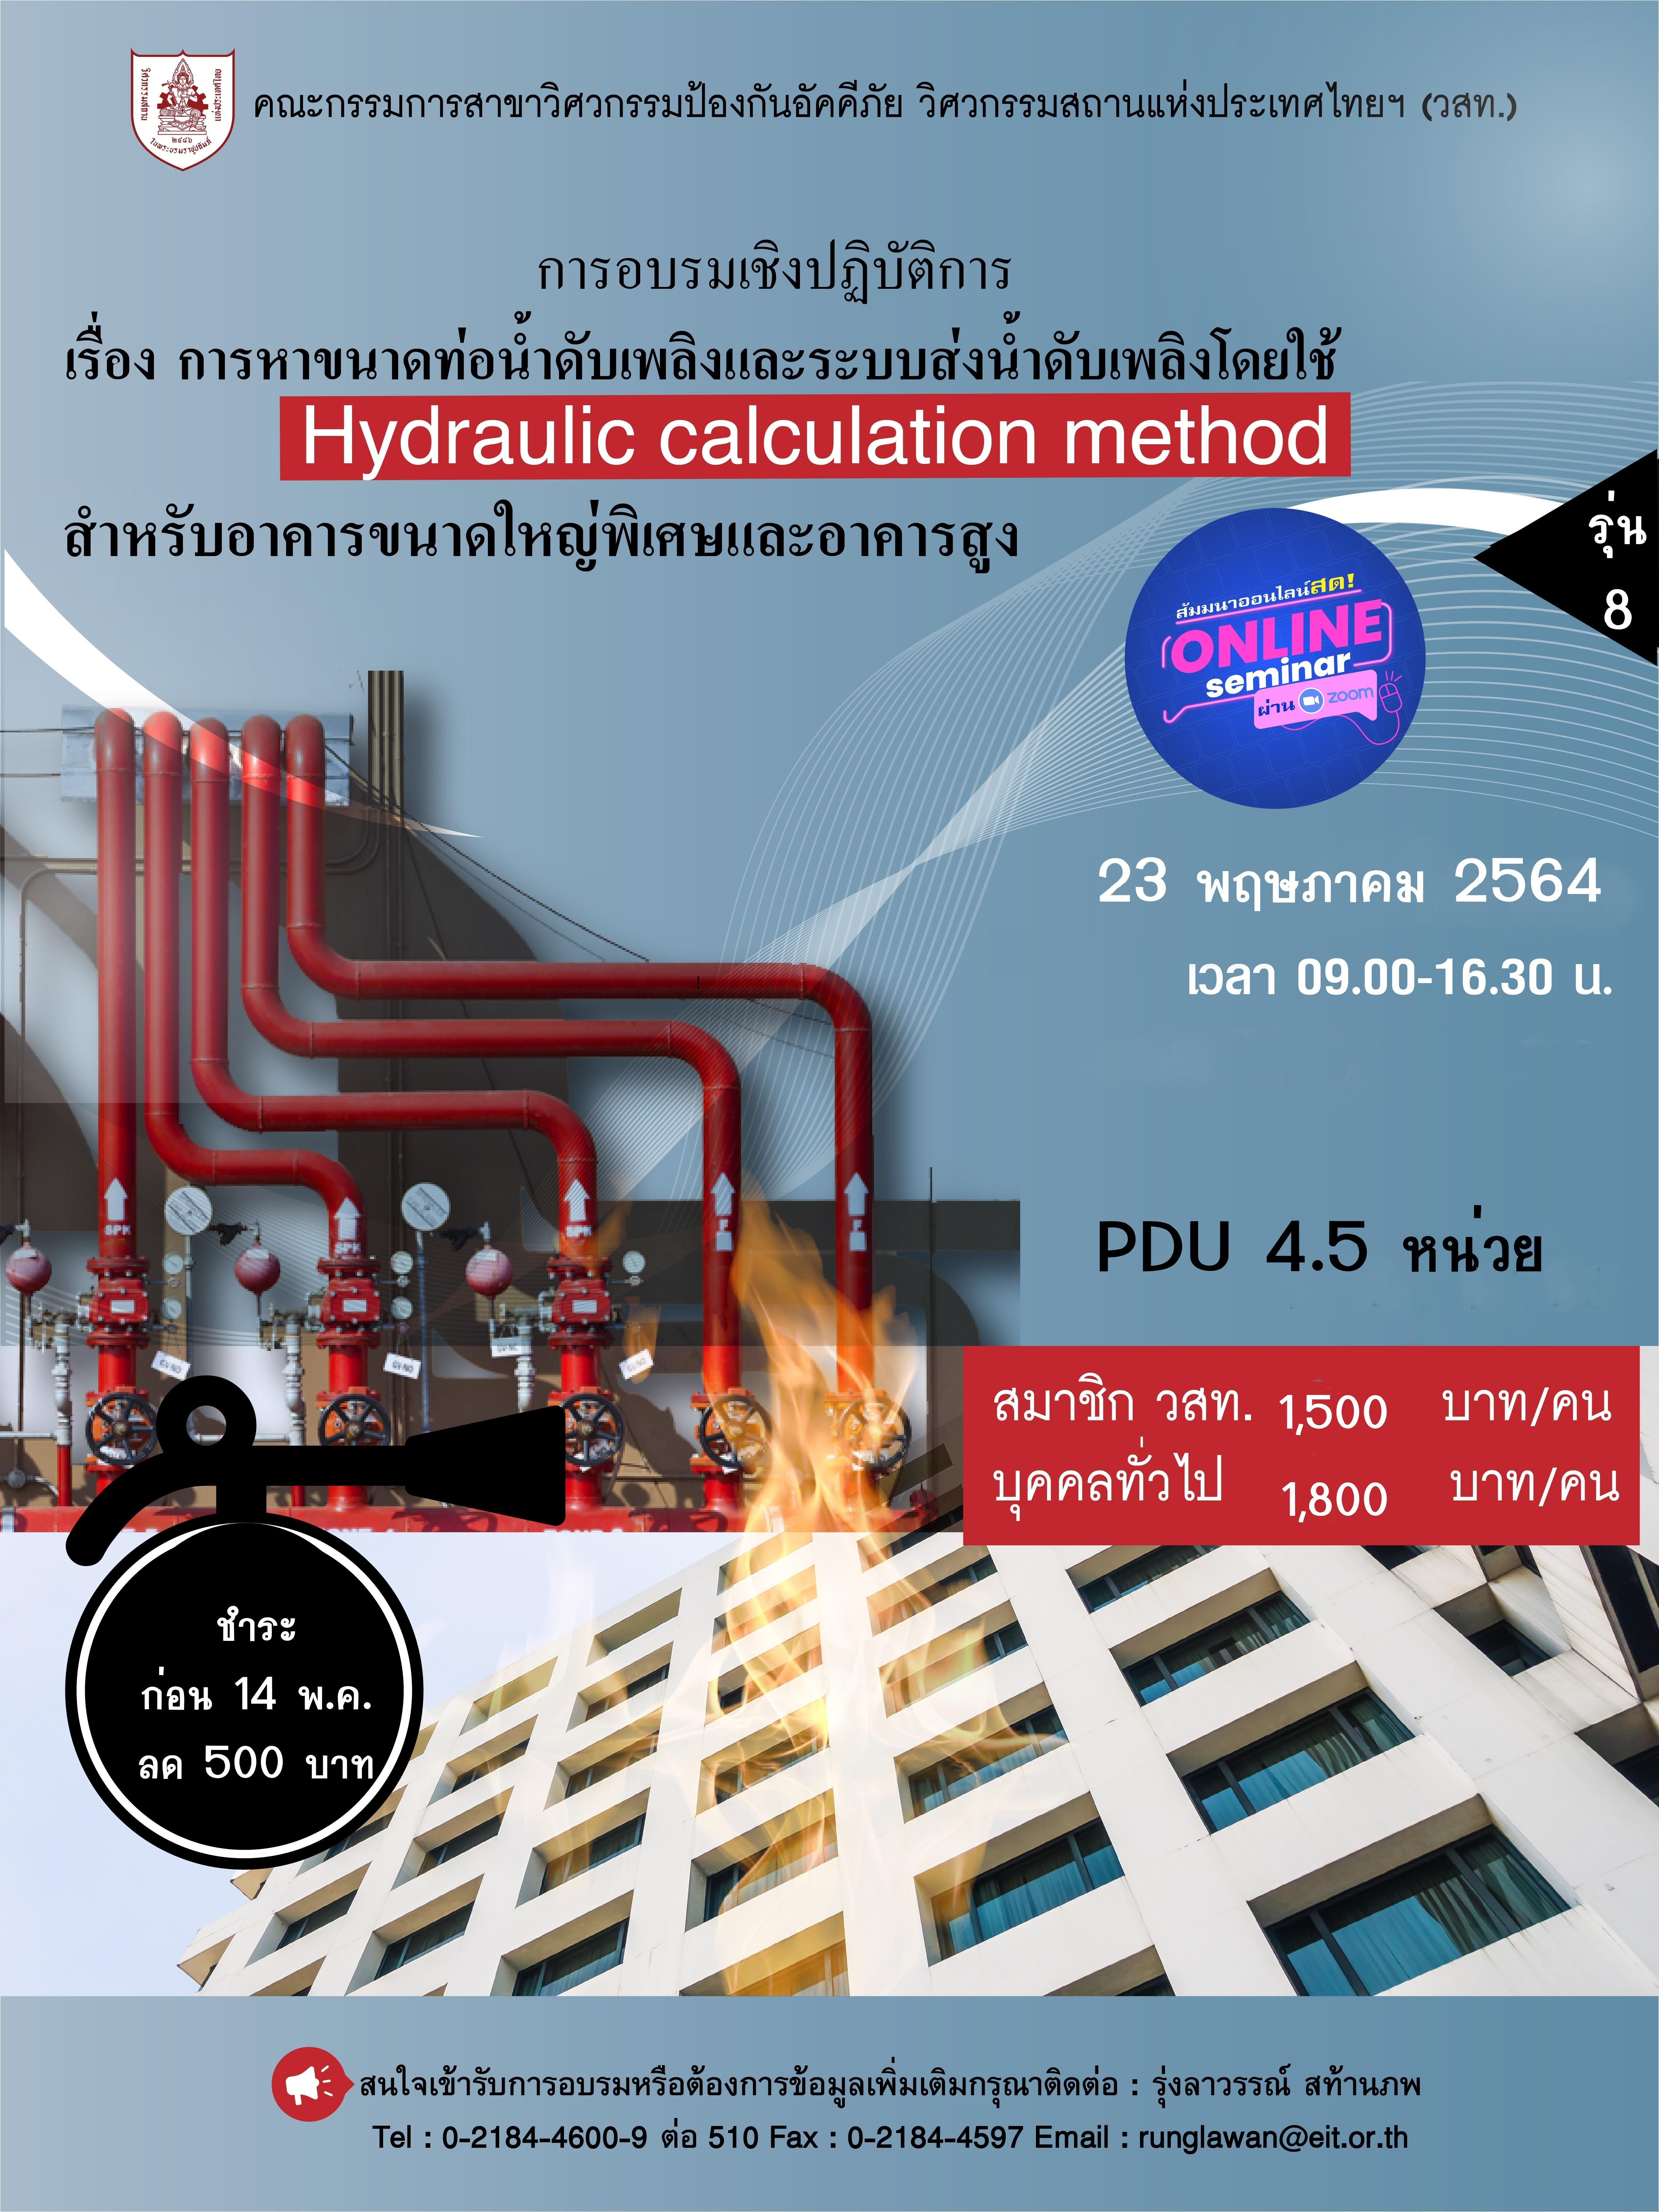 23/05/2564 อบรมออนไลน์เรื่อง  การหาขนาดท่อน้ำดับเพลิงและระบบส่งน้ำดับเพลิงโดยใช้ Hydraulic calculation method  สำหรับอาคารขนาดใหญ่พิเศษและอาคารสูง รุ่นที่ 8